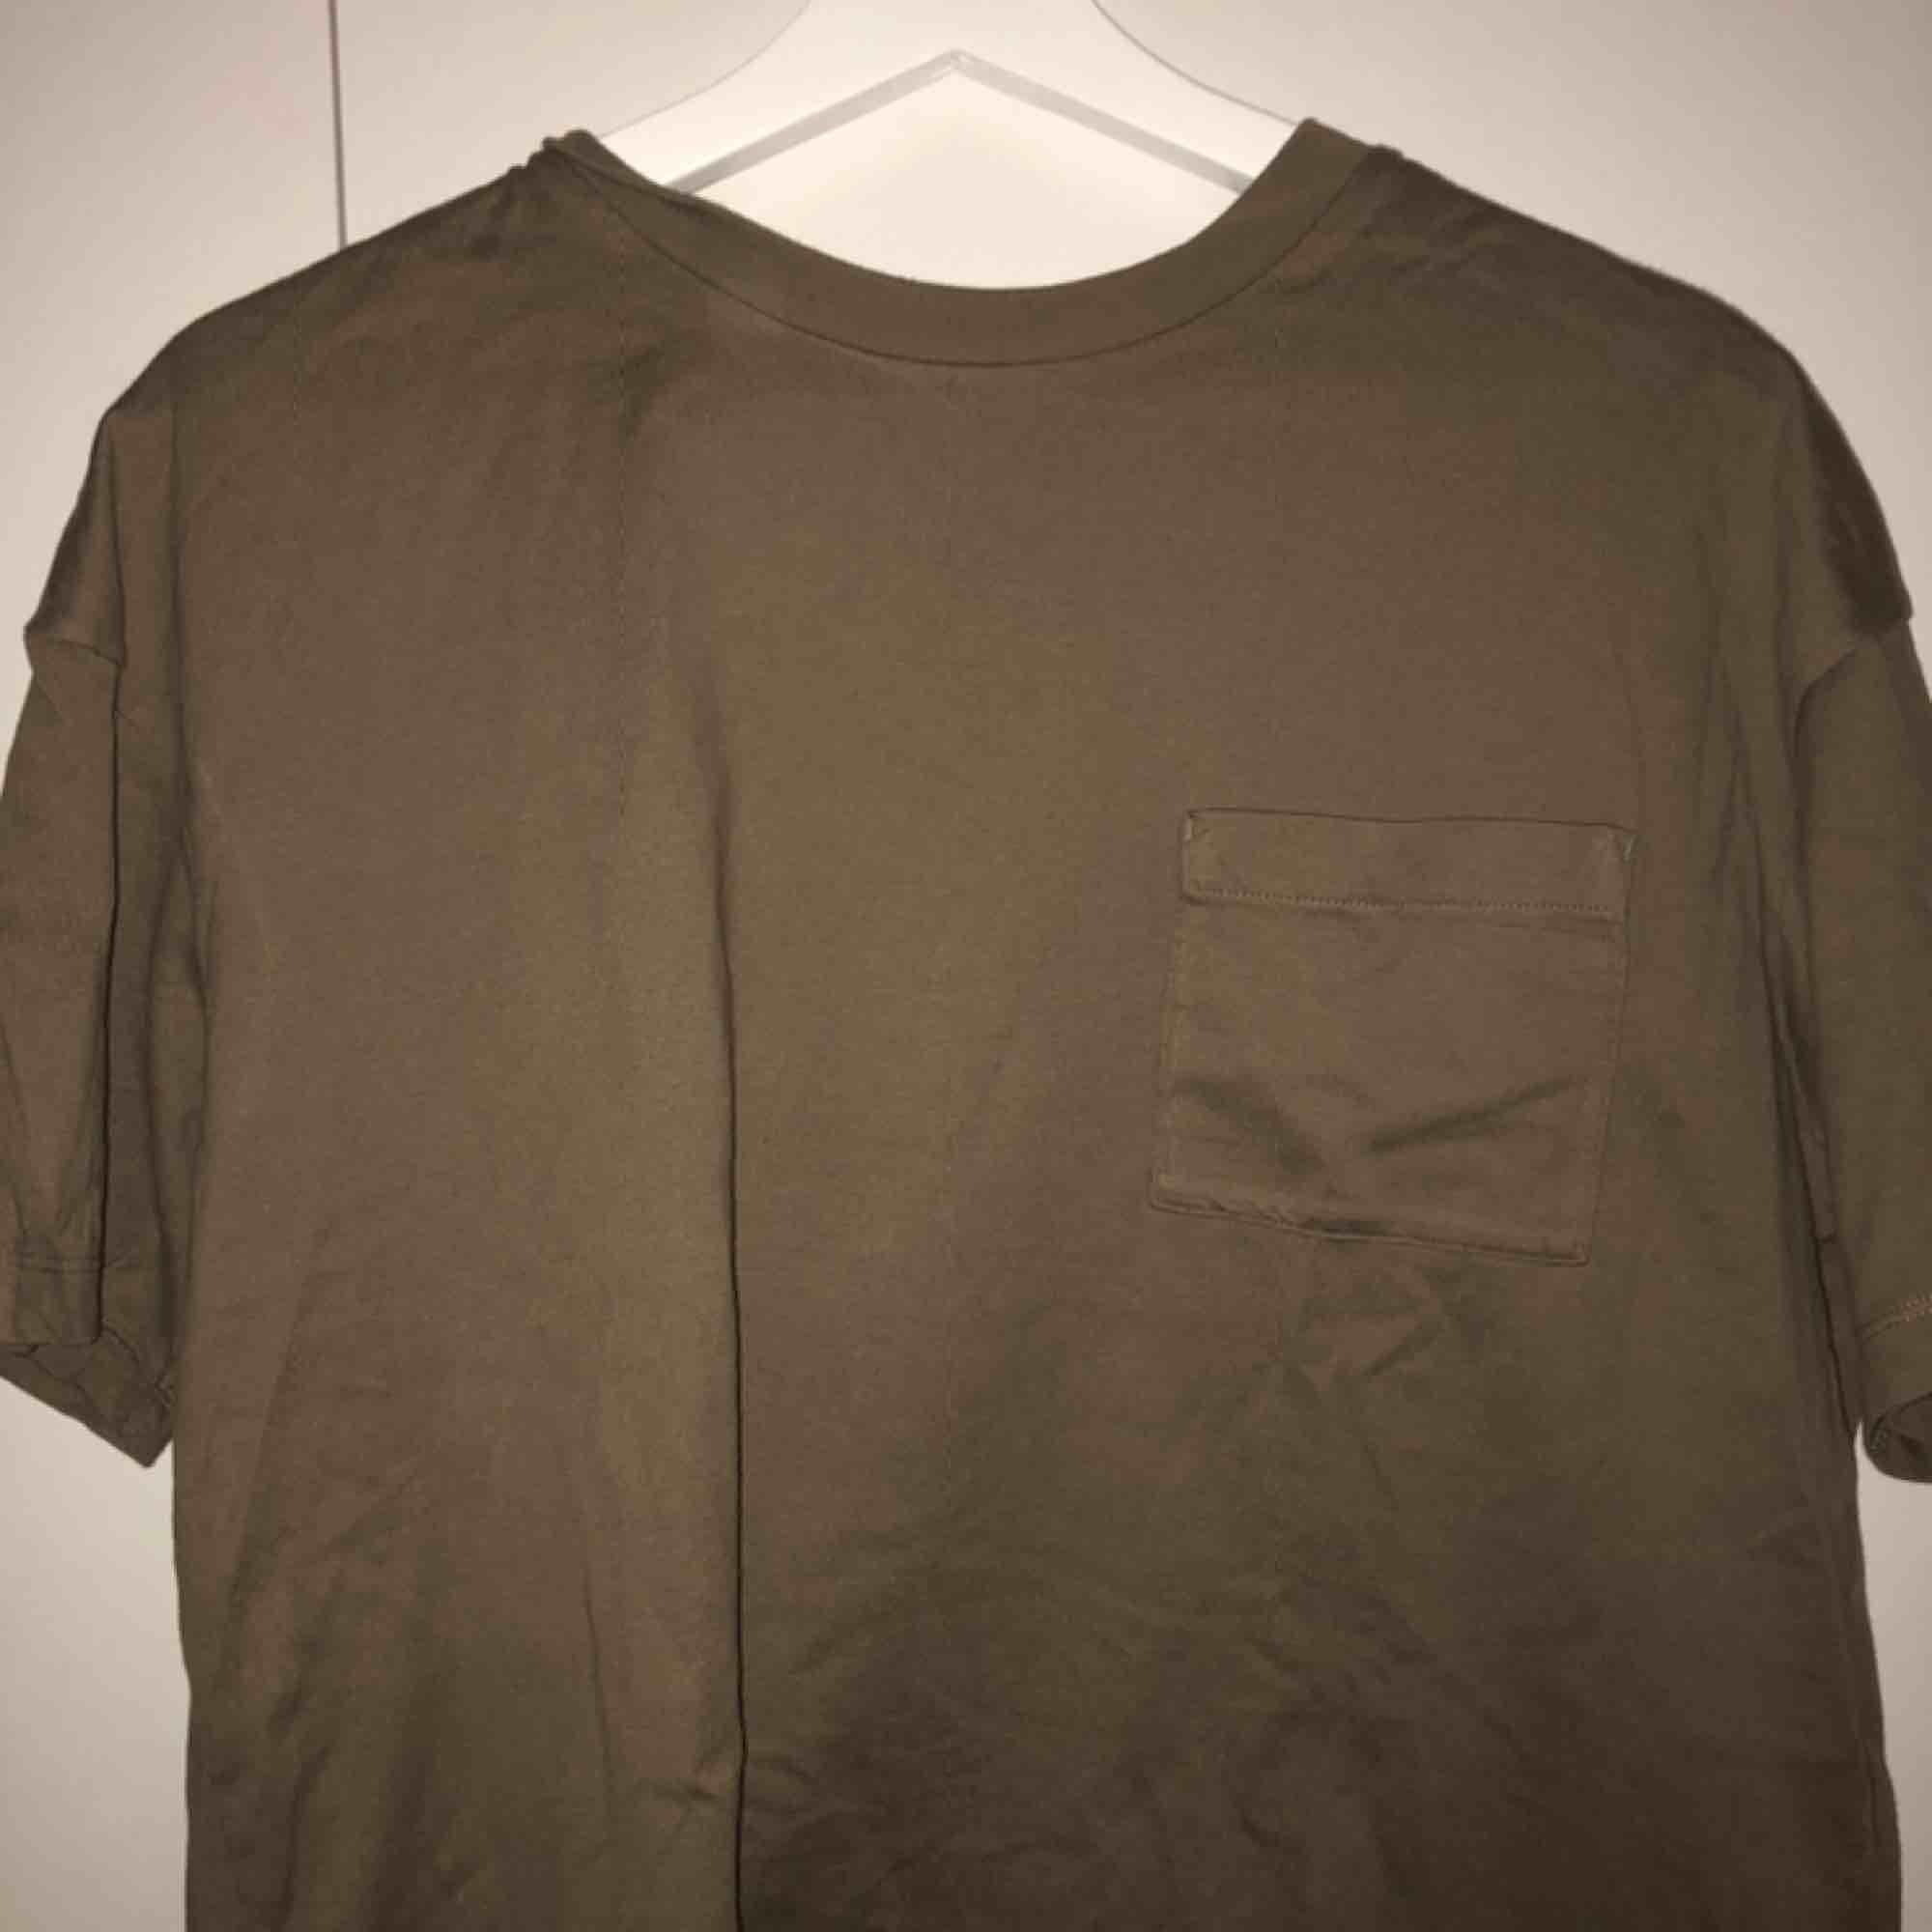 En brun/grön t-shirt. T-shirts.